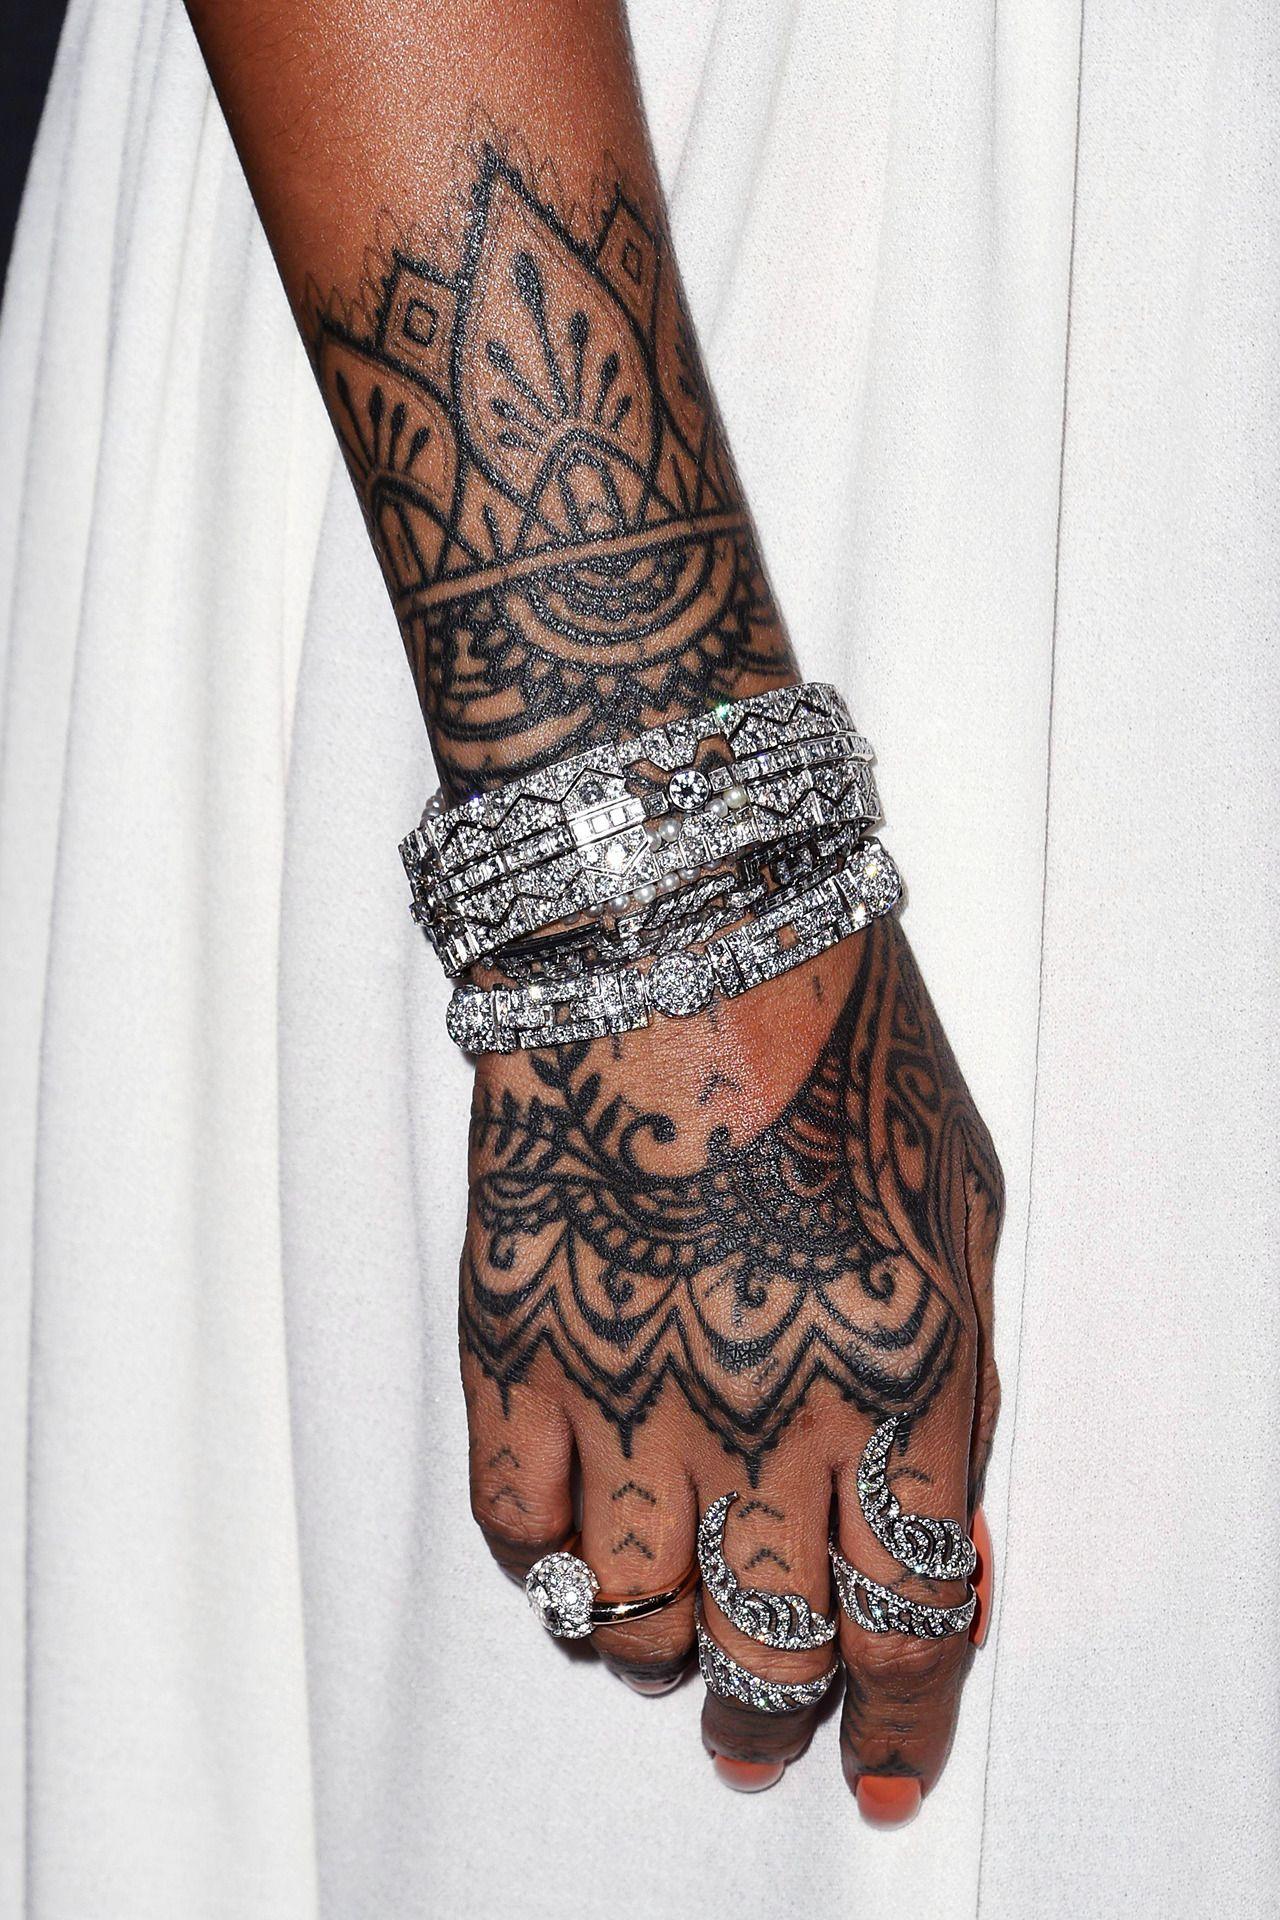 Rhianna Wearing Lorraine Schwartz Rihanna Hand Tattoo Rihanna Tattoo Tattoos